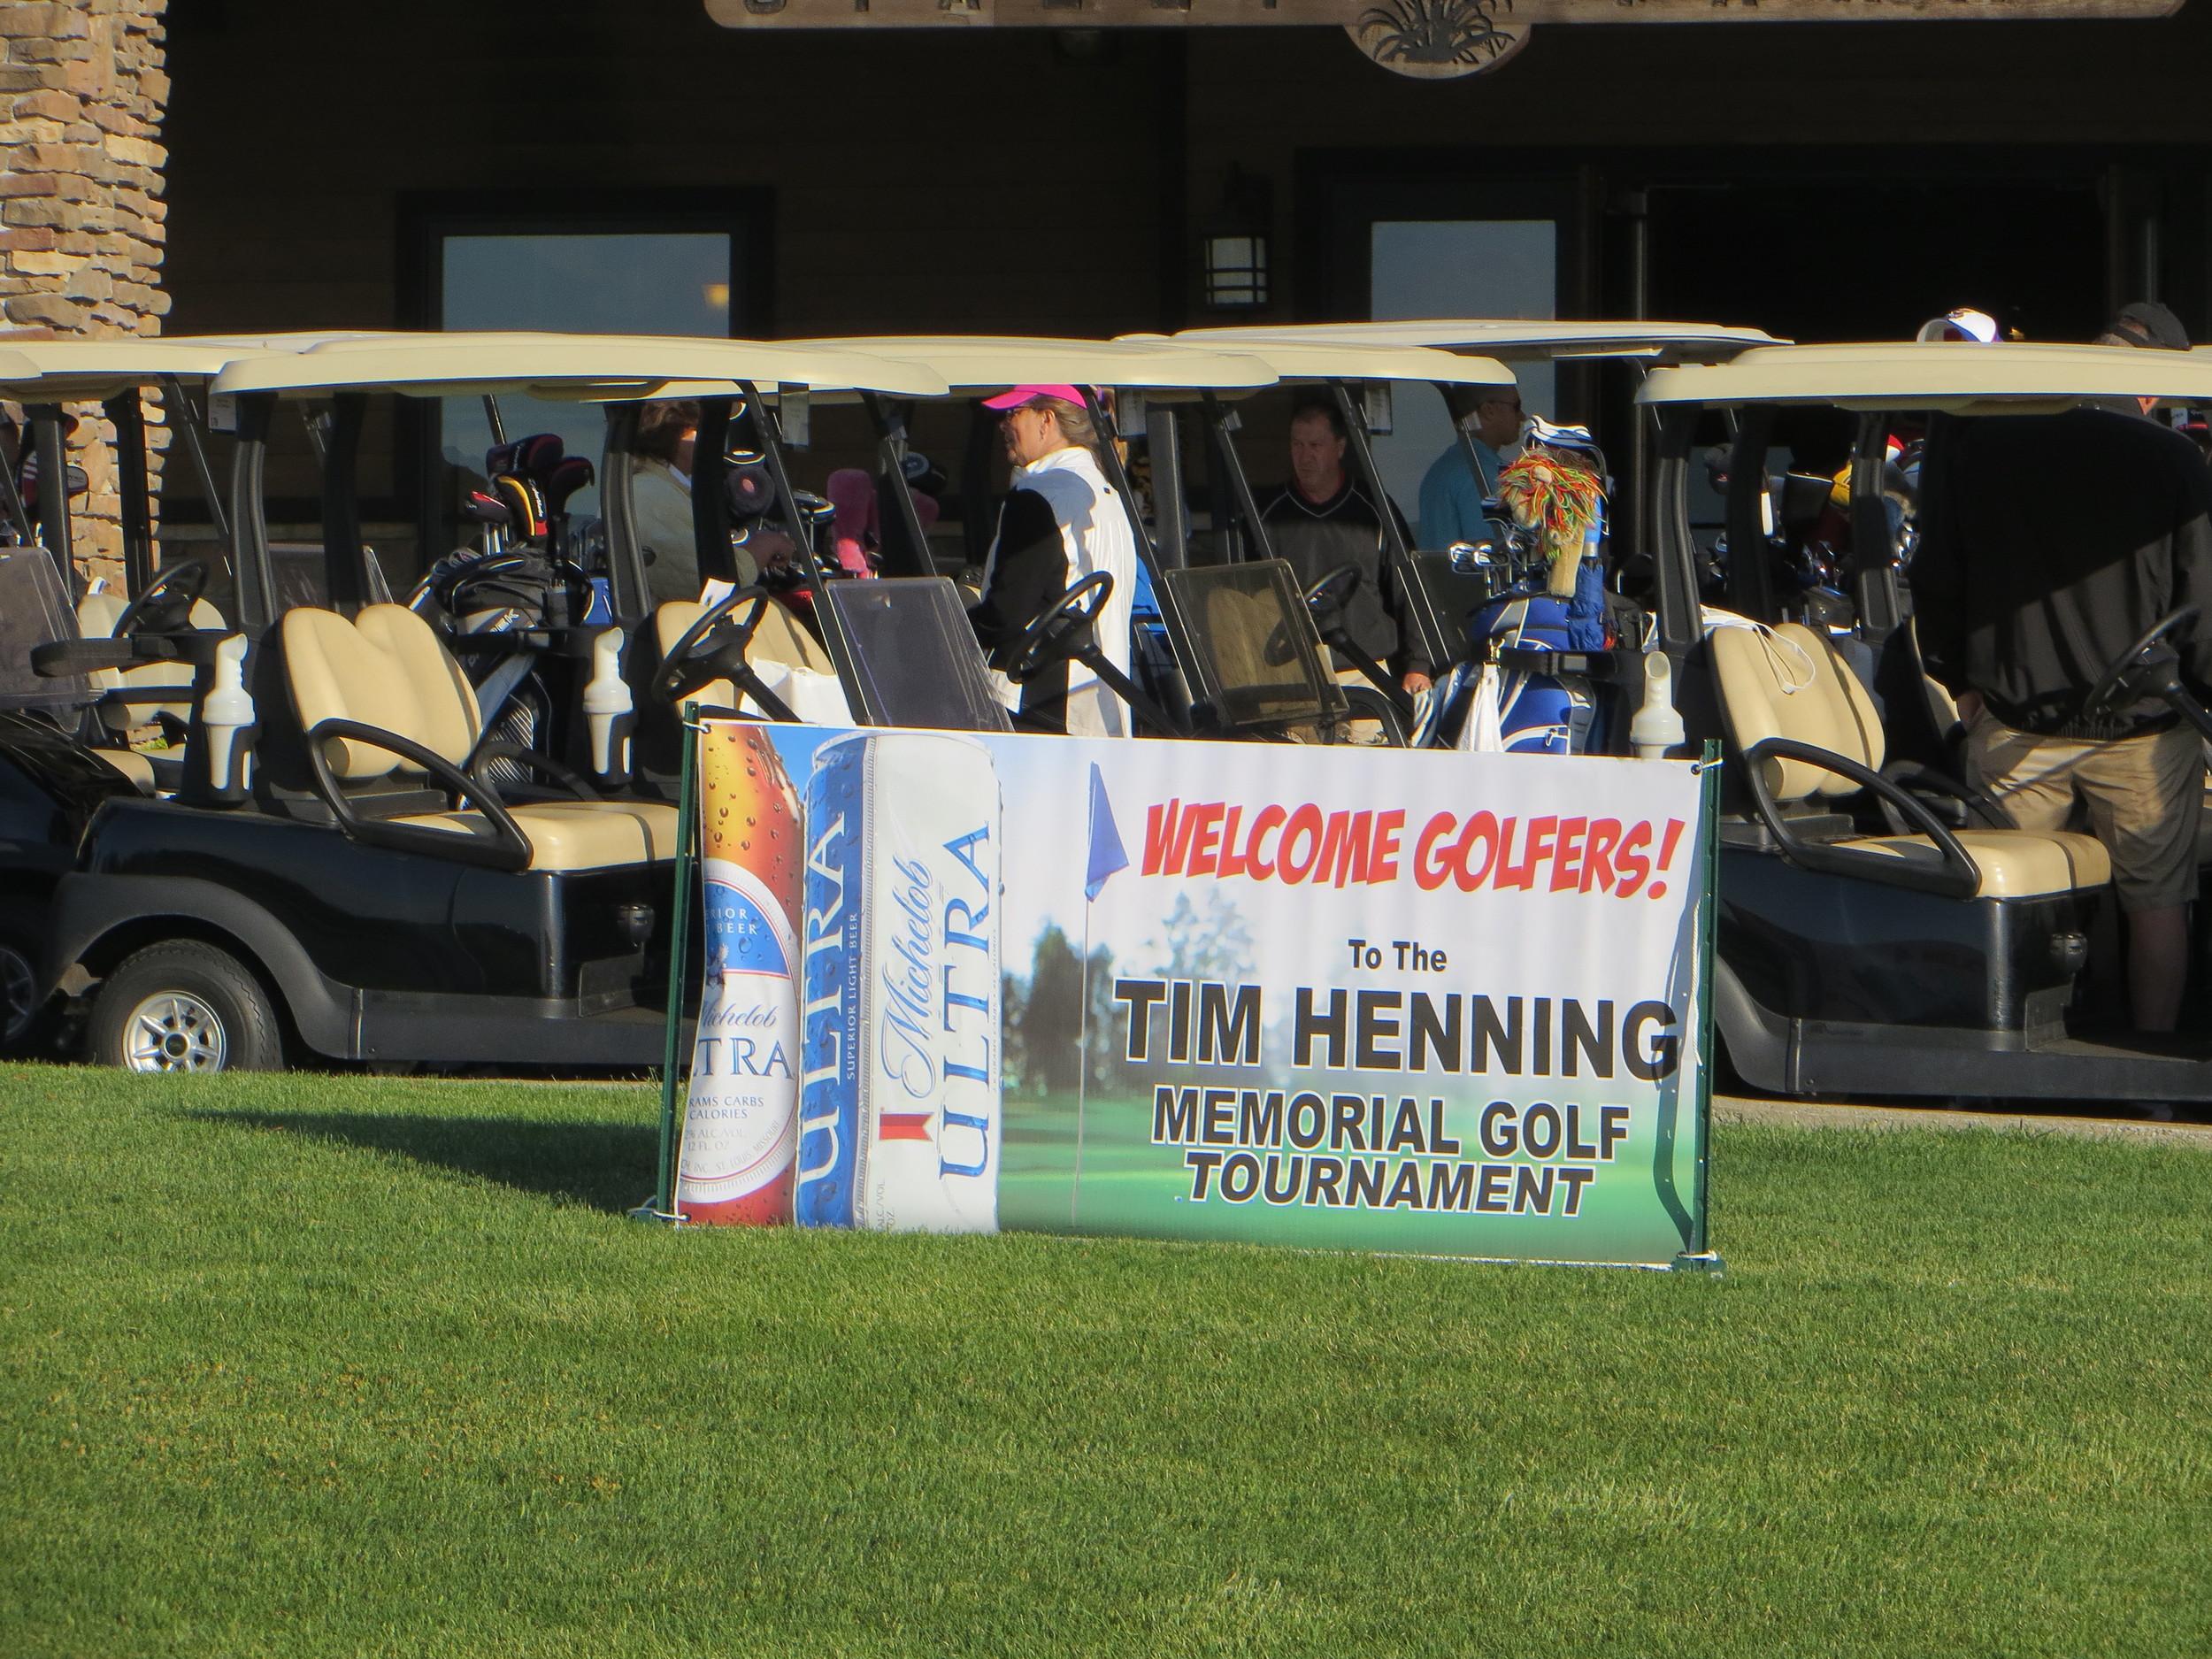 2014 Tim Henning Memorial Golf Tournament